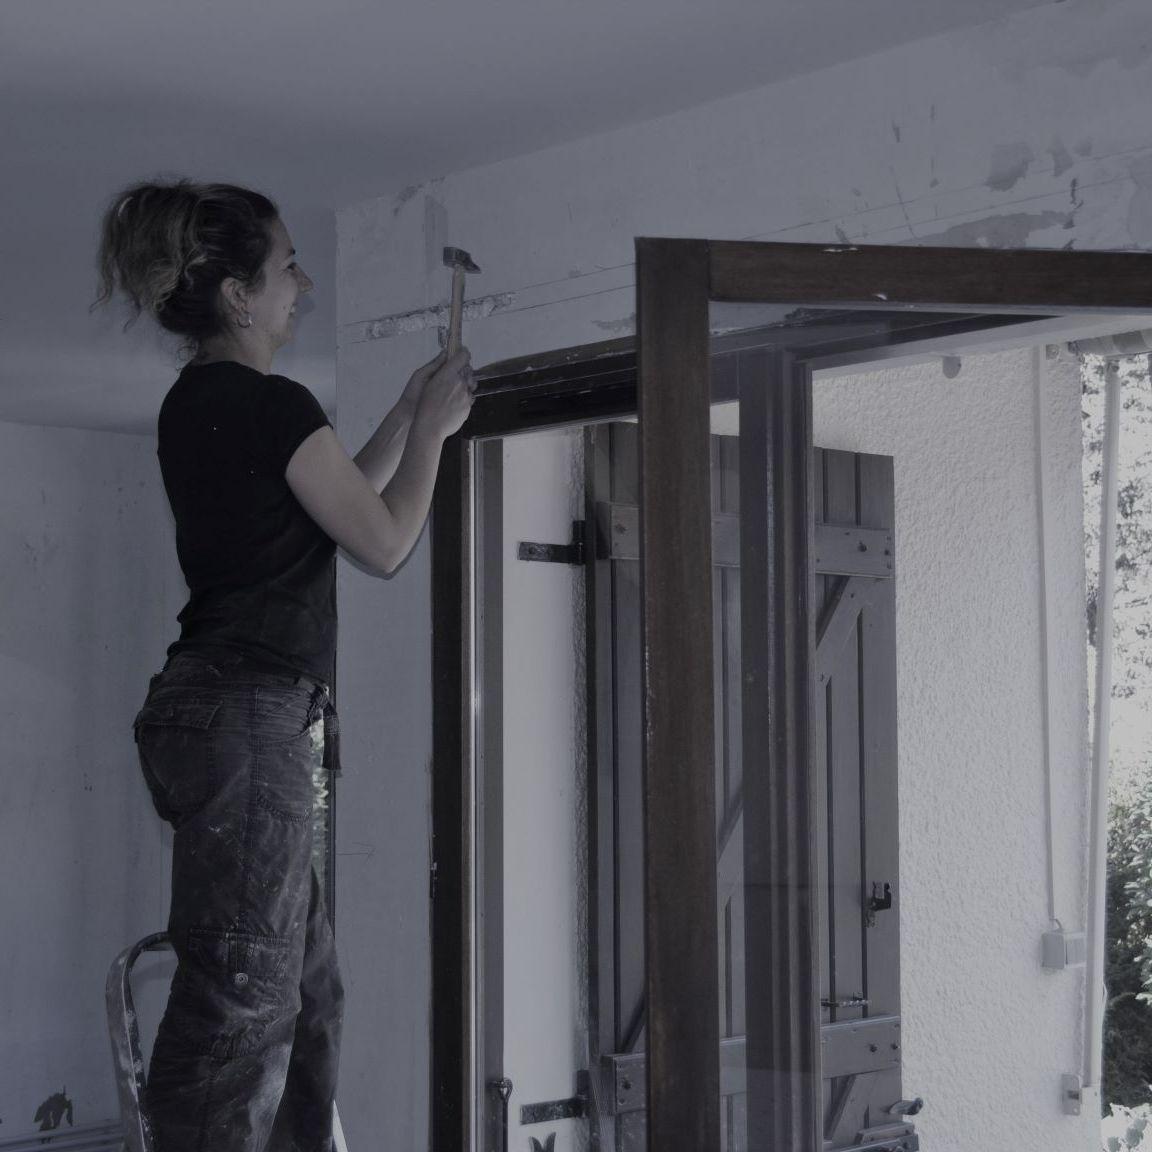 ma deuxième rénovation, je réalise une saignée dans le mur pour passer l'électricité